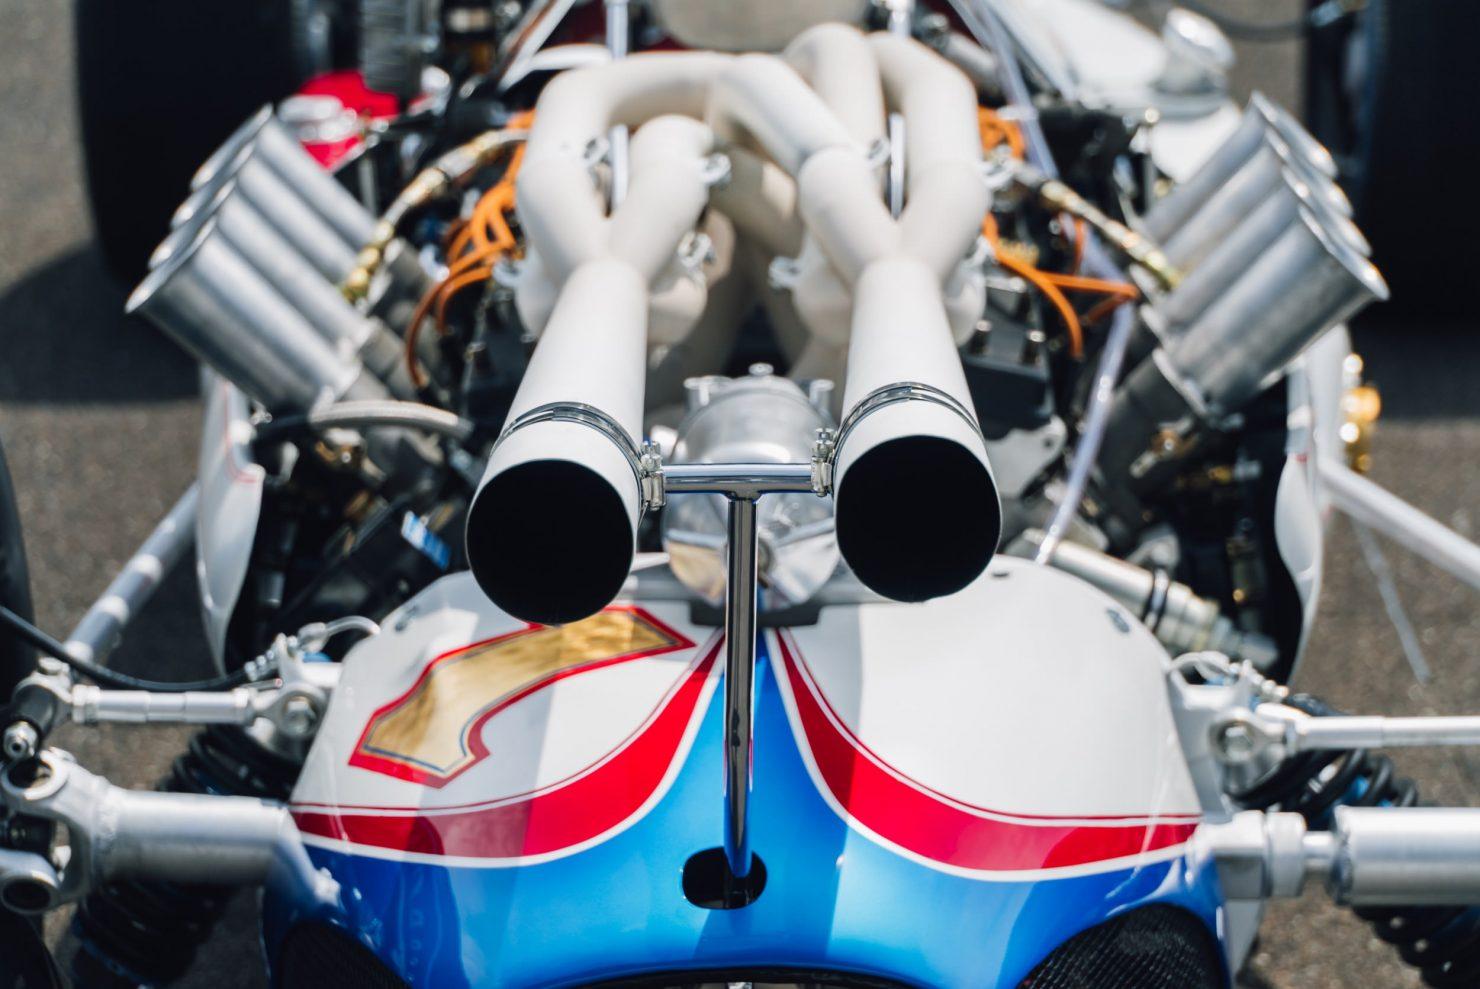 lotus type 34 indy 500 car 32 1480x989 - 1964 Lotus Type 34